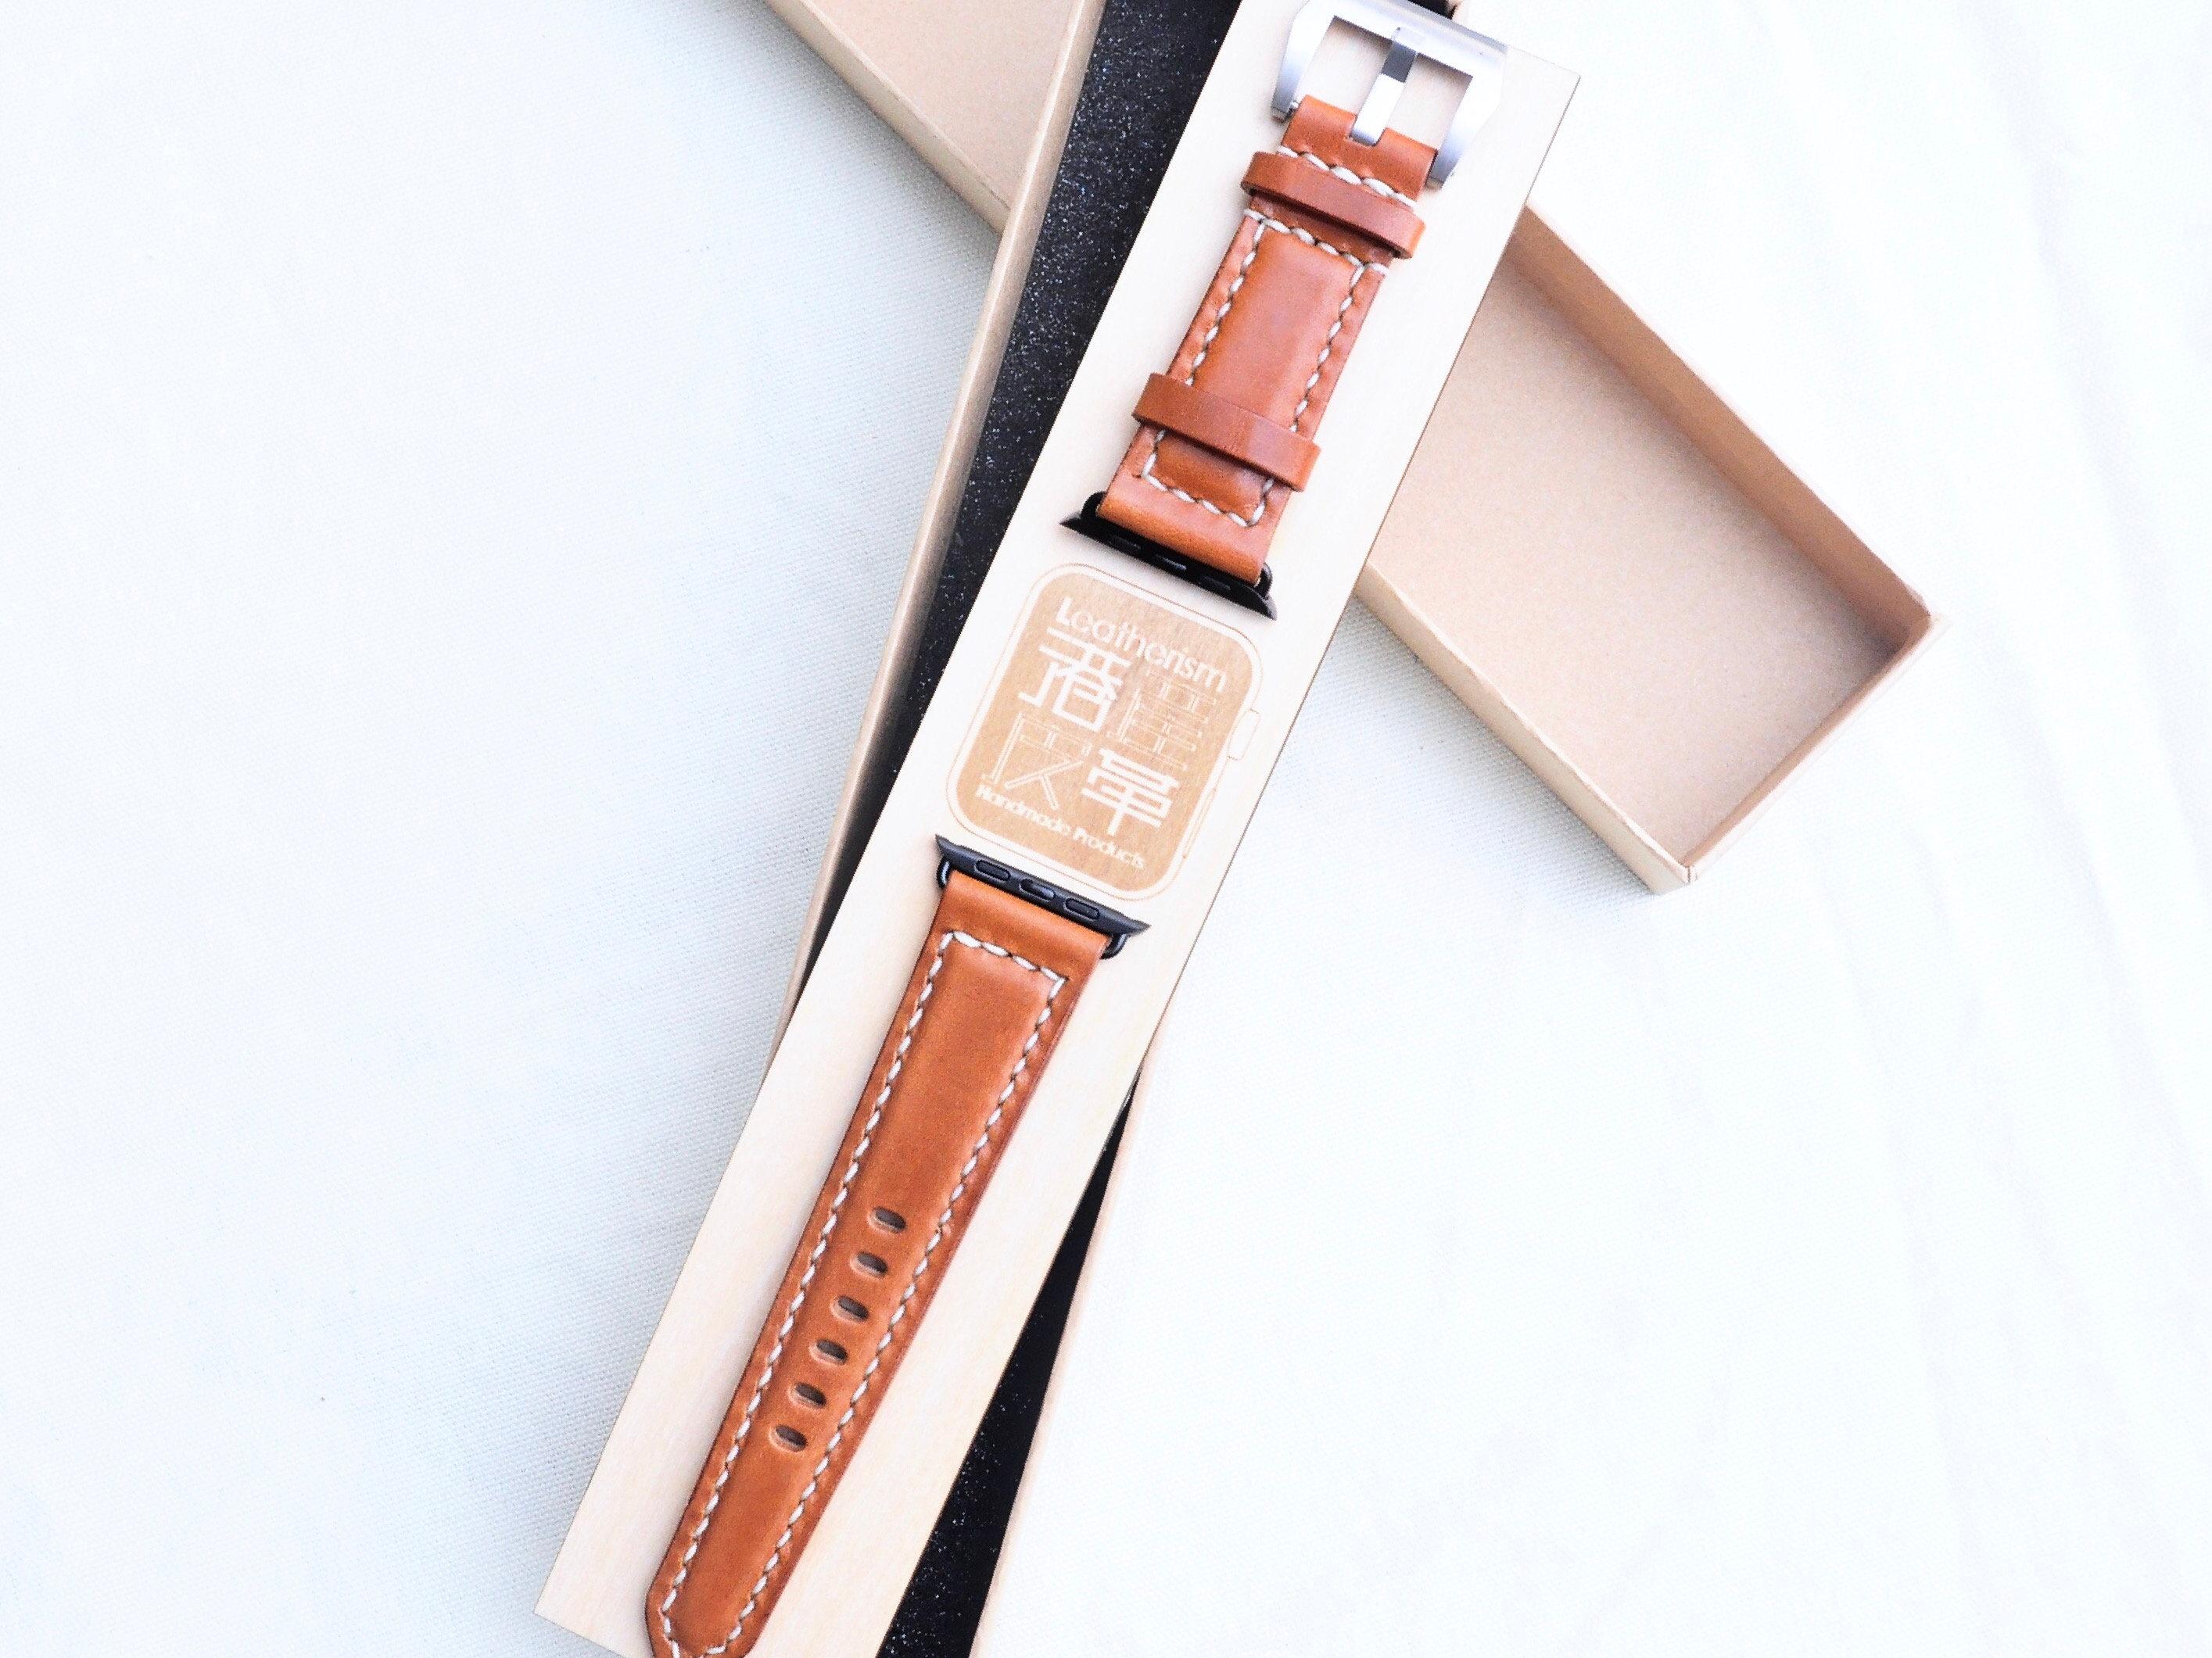 港產皮革 Apple Watch 錶帶皮革 DIY 材料包